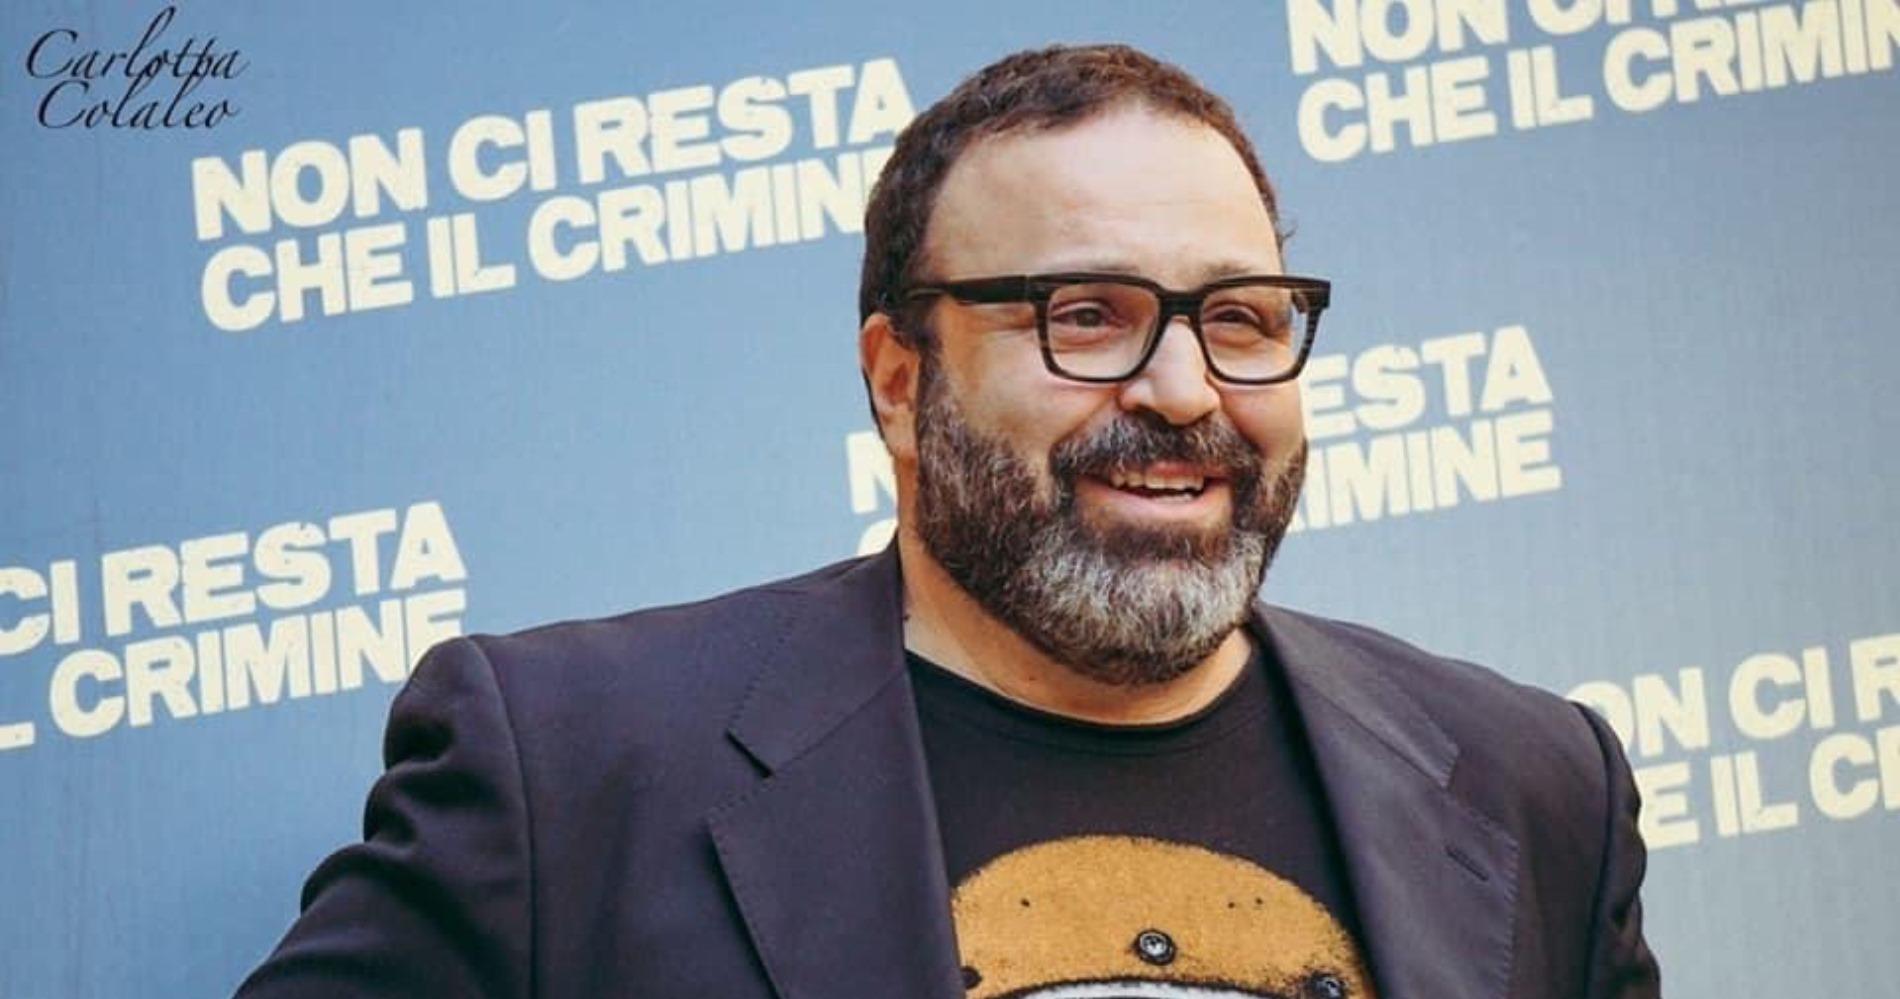 """<span class=""""entry-title-primary"""">Massimiliano Bruno: """"Anni duri per cinema e teatro, ma torneremo a sorridere""""</span> <span class=""""entry-subtitle"""">Il regista, sceneggiatore e attore parla su """"La voce dello schermo"""" dell'attuale situazione e del suo attesissimo """"Ritorno al crimine"""", posticipato a causa del coronavirus. </span>"""